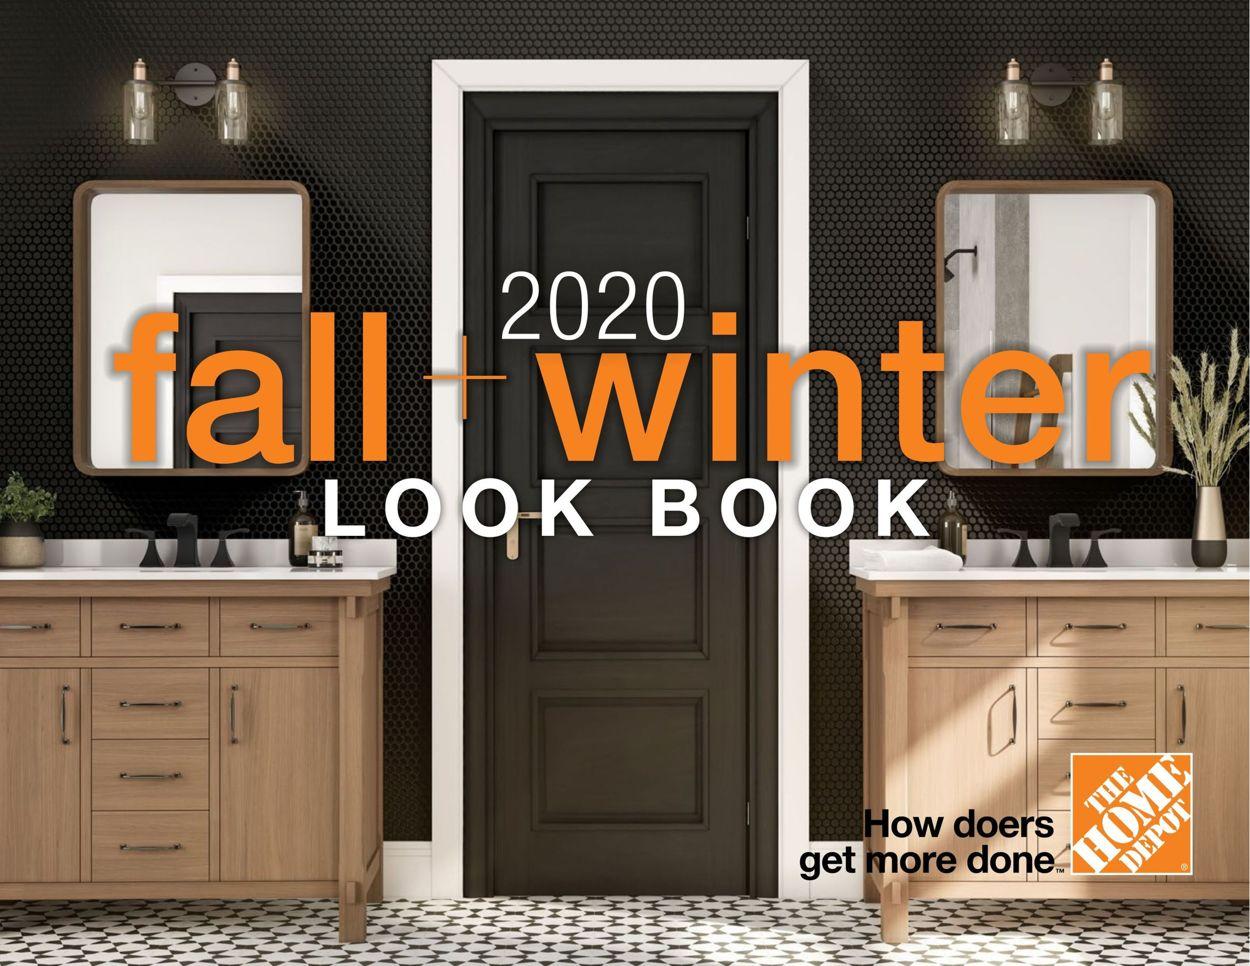 Home Depot Flyer - 10/15-11/04/2020